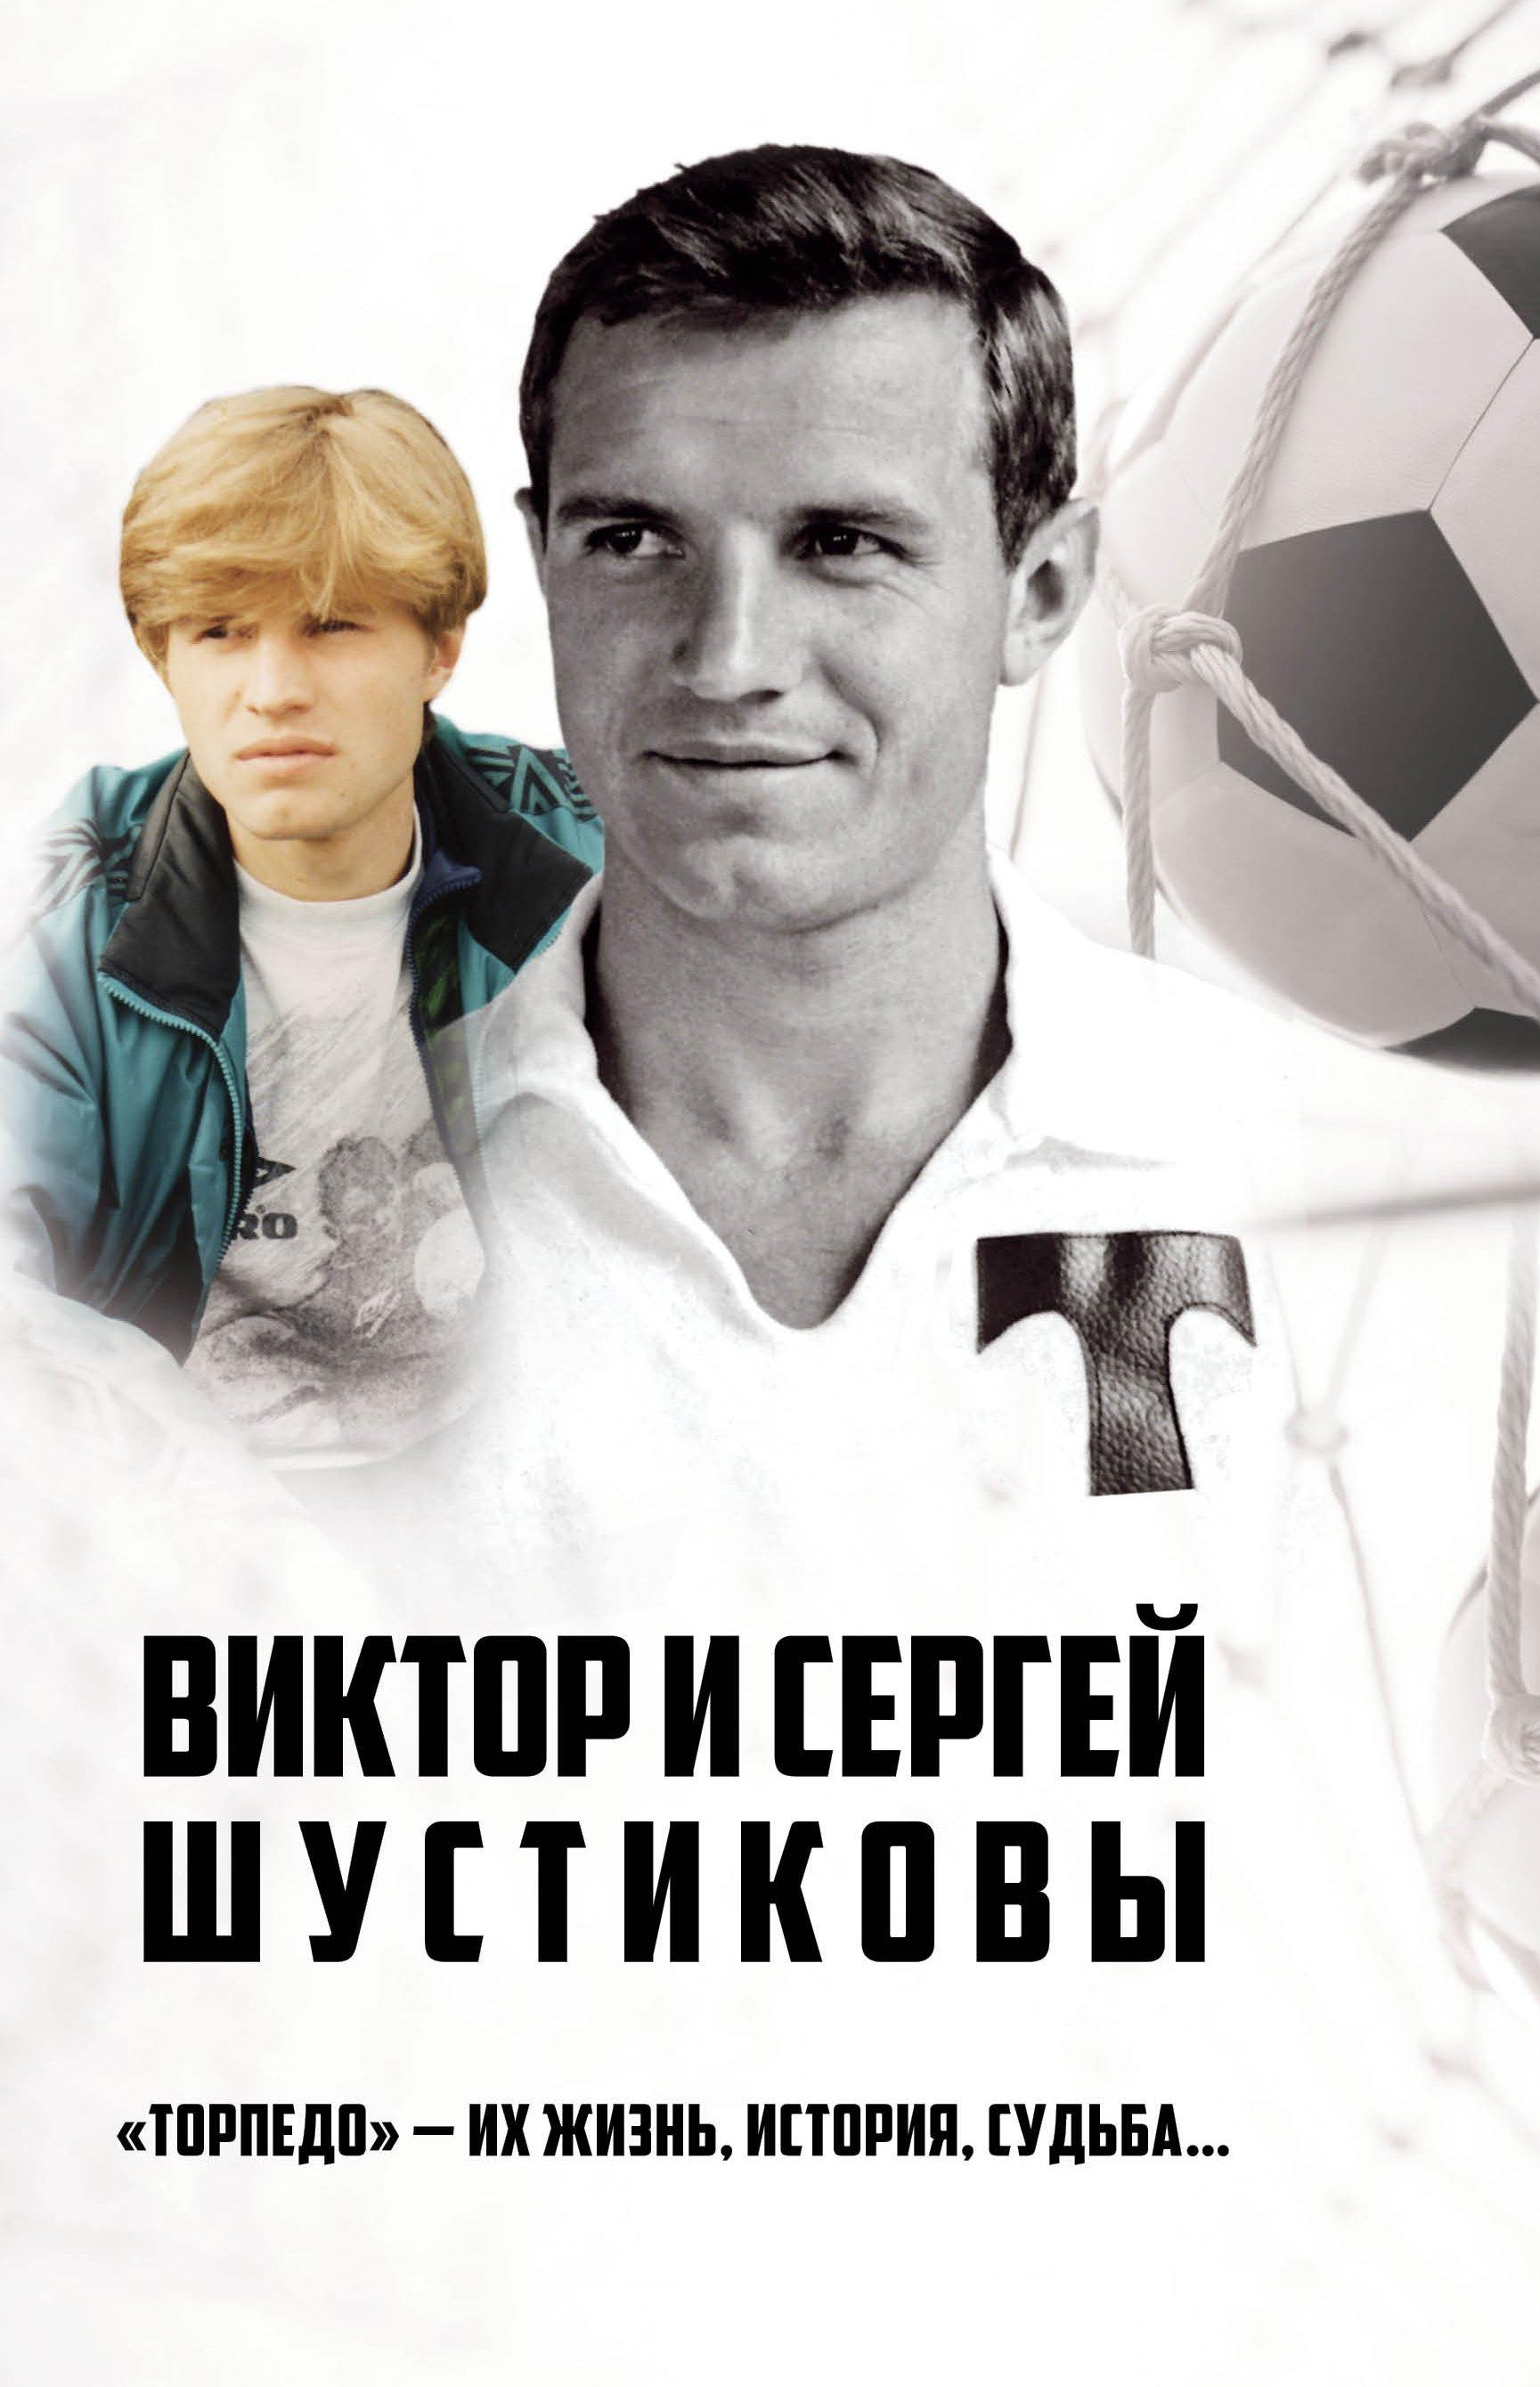 Виктор и Сергей Шустиковы. «Торпедо» – их жизнь, история, судьба…